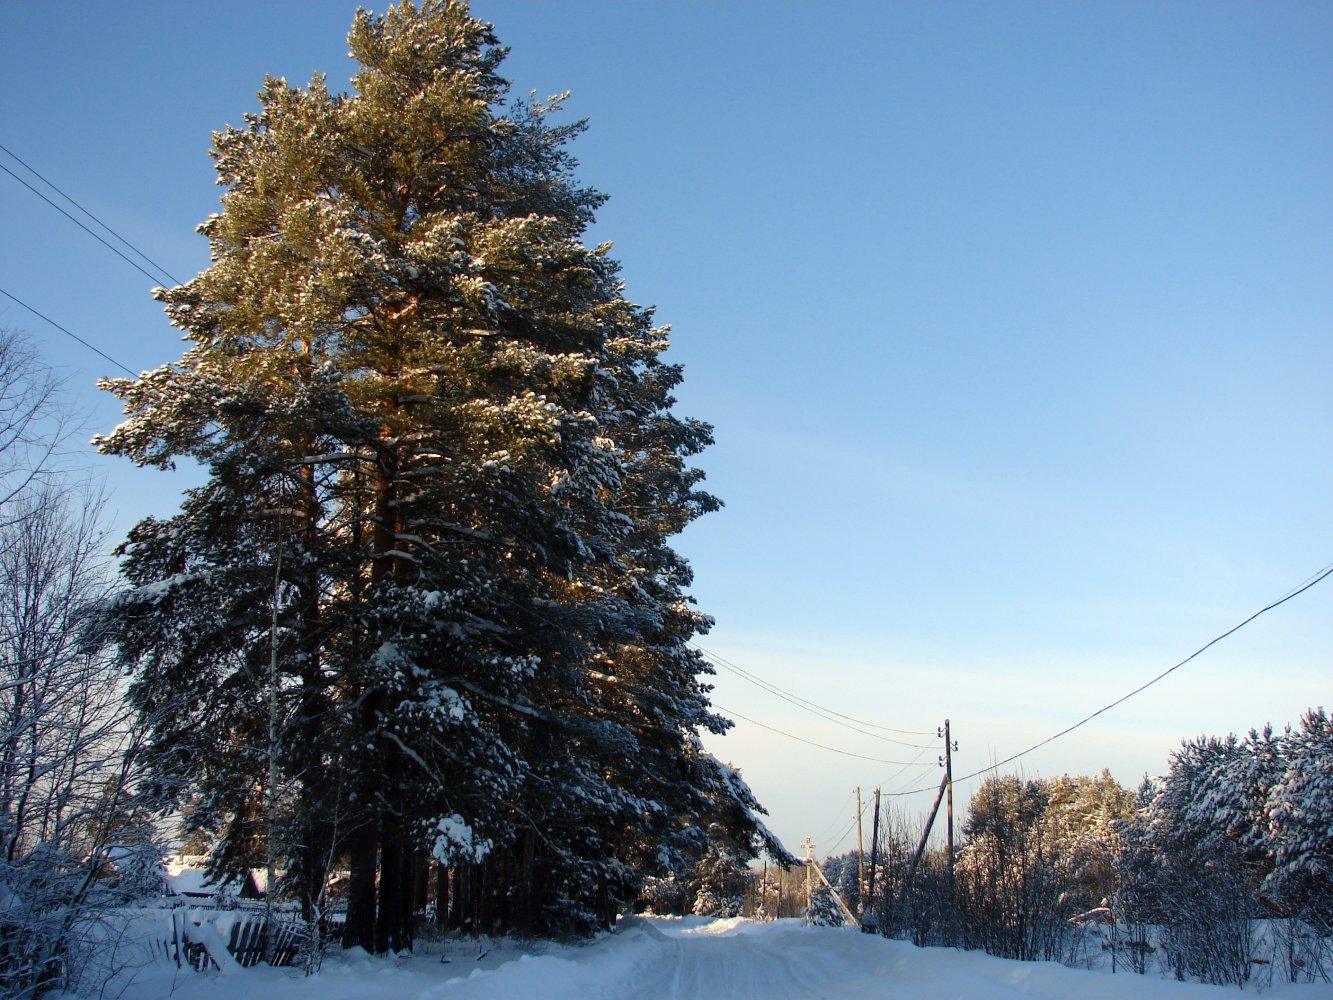 Фото DSC03951.JPG. Россия, Костромская область, Боровской, Unnamed Road